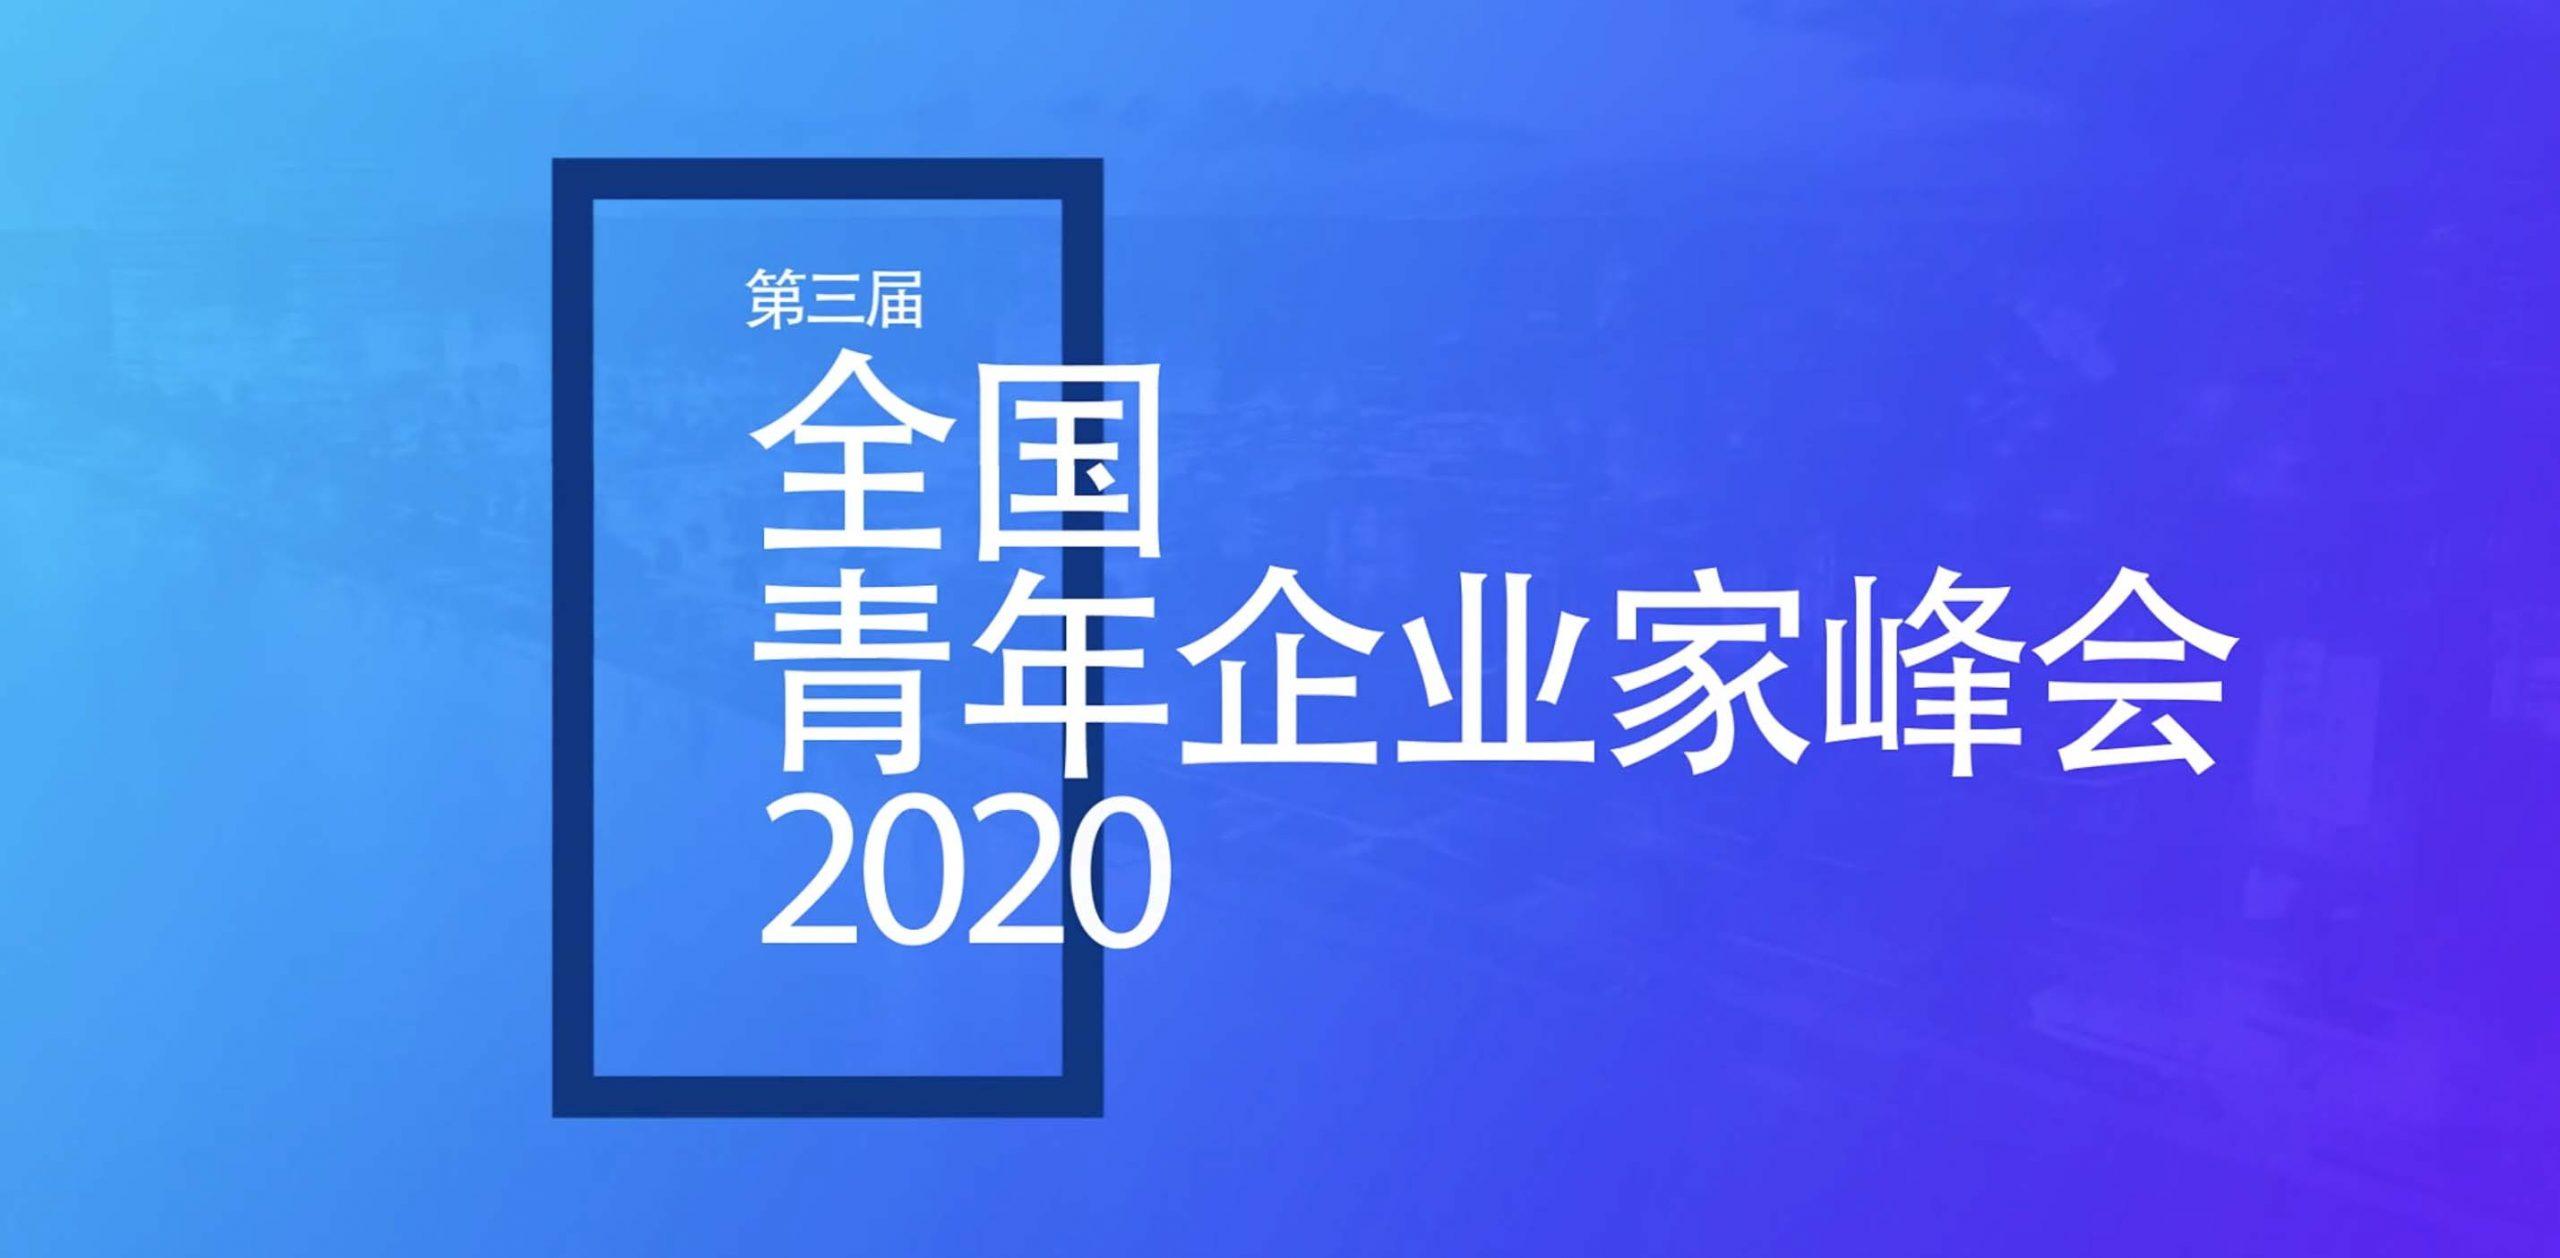 25日,第三届全国青年下载家峰会将在福州召开!马云 曹德旺 郭广昌 周鸿祎等商业大佬将出席